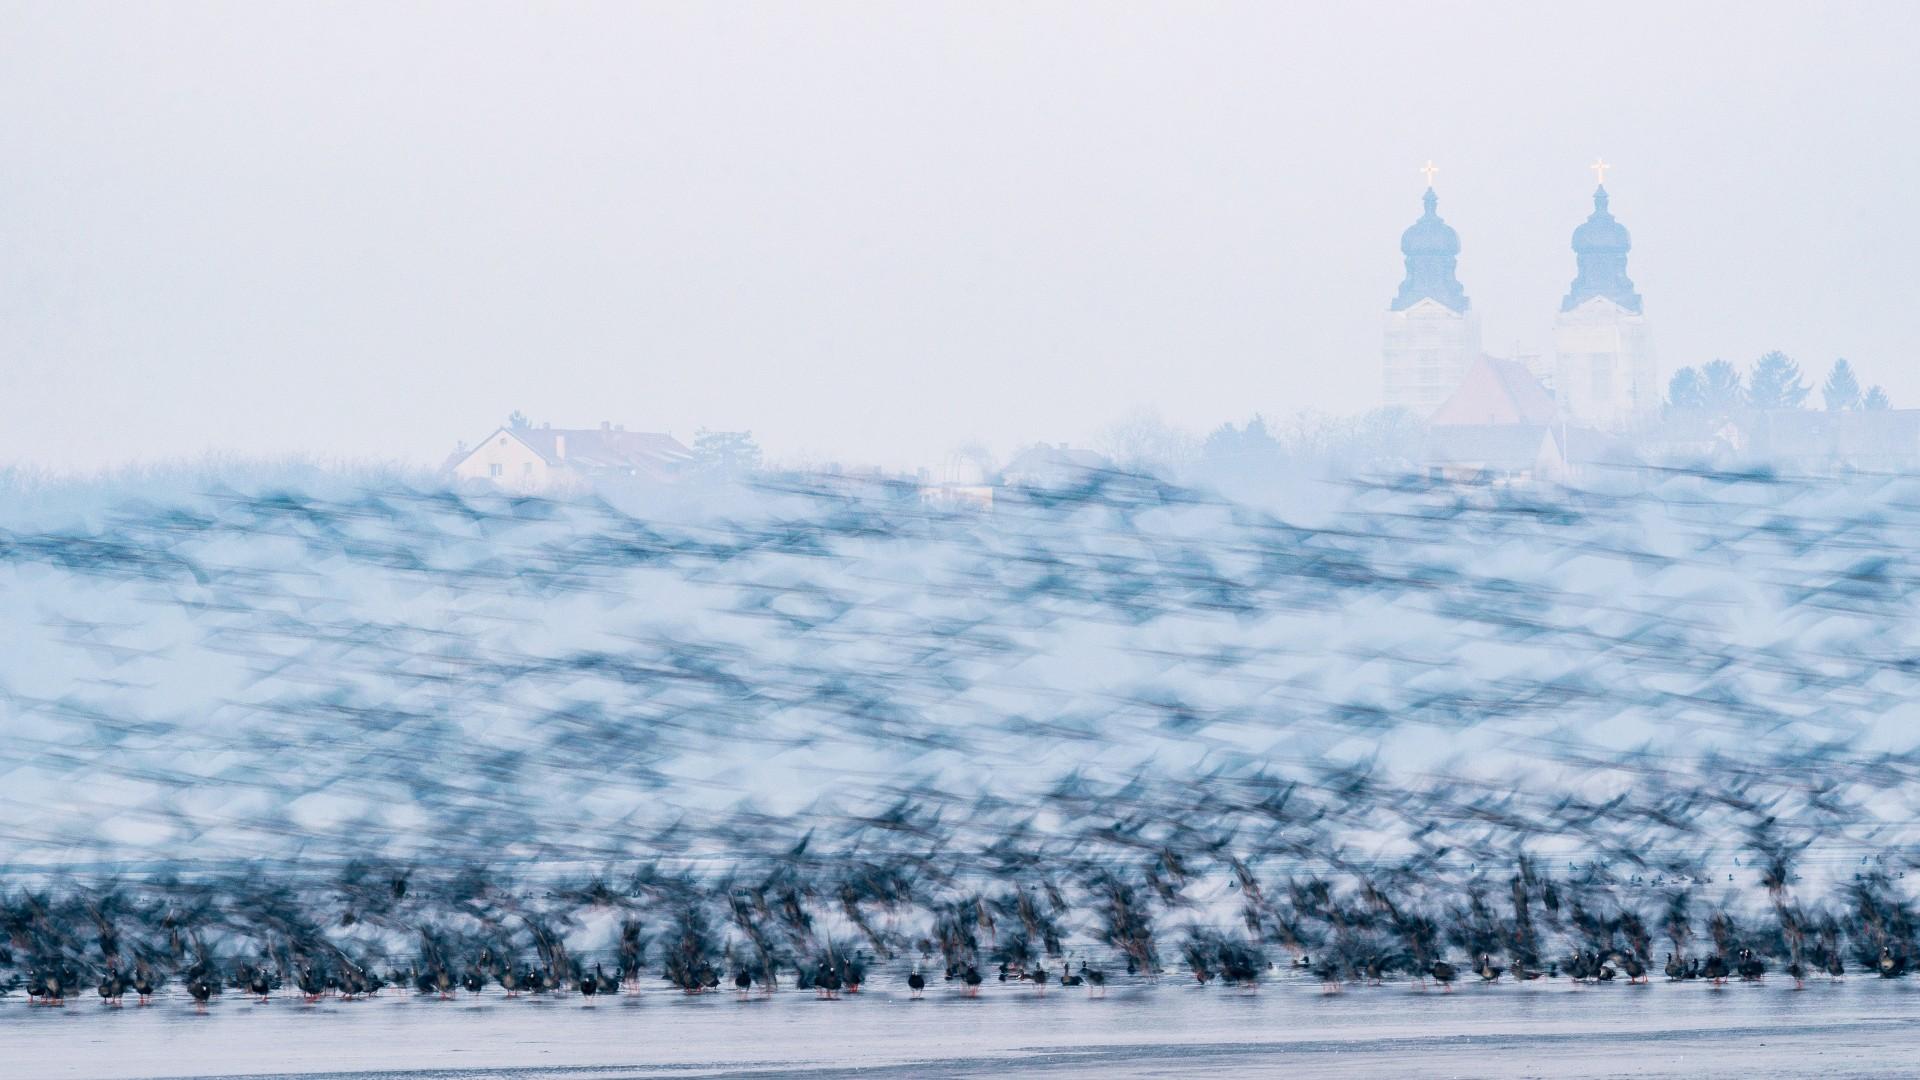 Fotó: Aliczki Manó: Hajnali gyülekezet<br />Kategória: Állatok és környezetük<br />Helyezés: 2. díj<br />Dr. Tildy Zoltán-díj, az Uniqball támogatásával <br /><br />A tatai Öreg-tavon éjszakázó madarak - elsősorban nagy lilikek - tájat befedő rajokban történő hajnali kihúzása a ködös, hideg téli napokon, lélegzetelállító látványt nyújt. A sikeres helyi természetvédelmi intézkedéseknek köszönhetően, mint a szilveszteri tűzijátékok és a petárdák használatának betiltása, a tavon évről-évre egyre nagyobb, akár több tízezres egyedszámú vadlúdcsapatok telelnek.